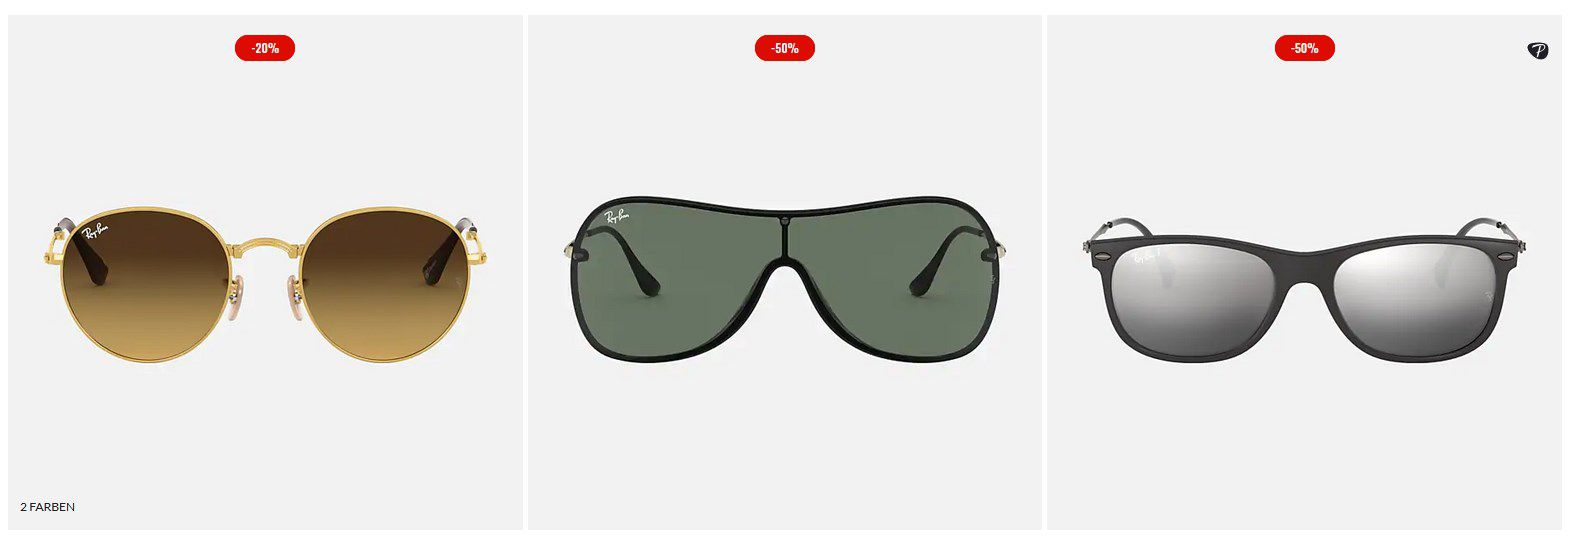 RayBan bis zu 50% auf verschiedene Sonnenbrillen & Gratis Express Versand